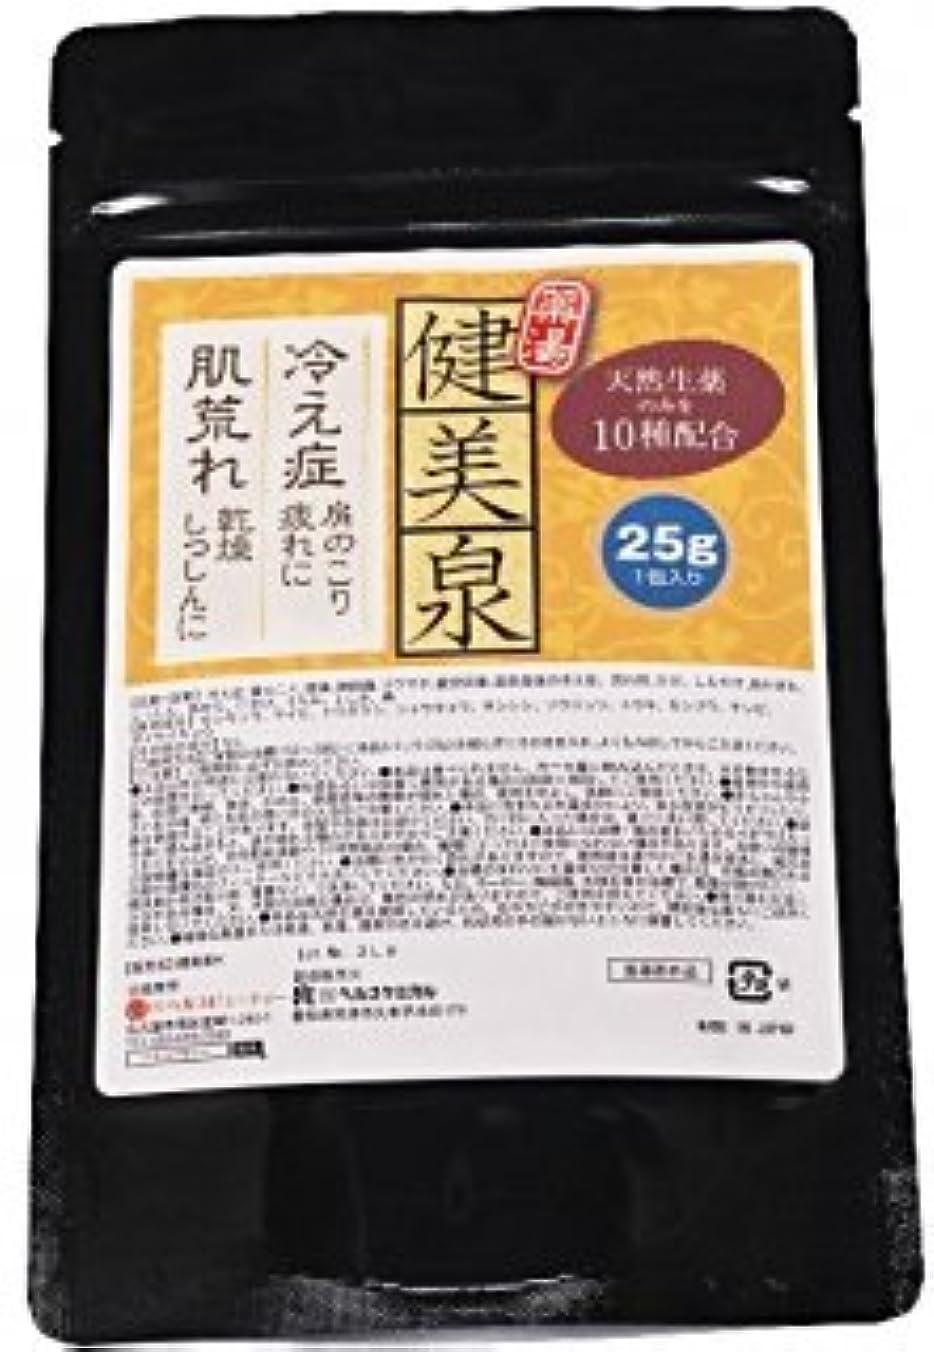 大使ファン着る健美泉 1回分 刻み 生薬 薬湯 分包 タイプ 天然生薬 の 香り 医薬部外品